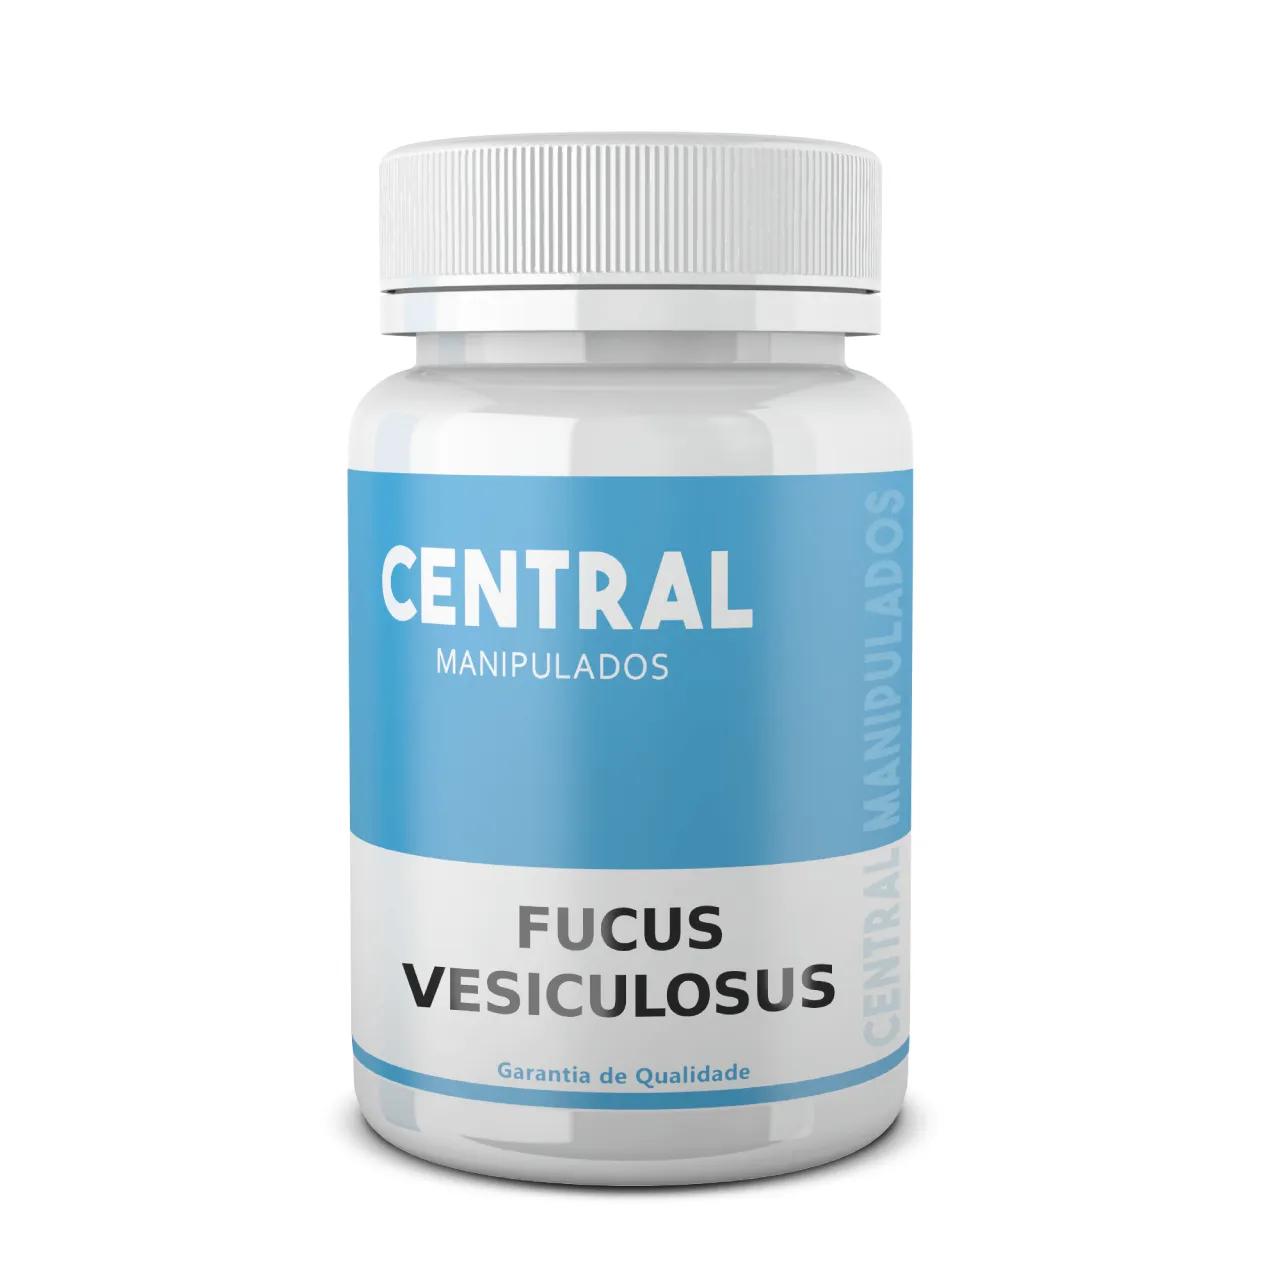 Fucus vesiculosus 300mg - 90 cápsulas - Emagrecedor, Gordura localizada, Problemas digestivos